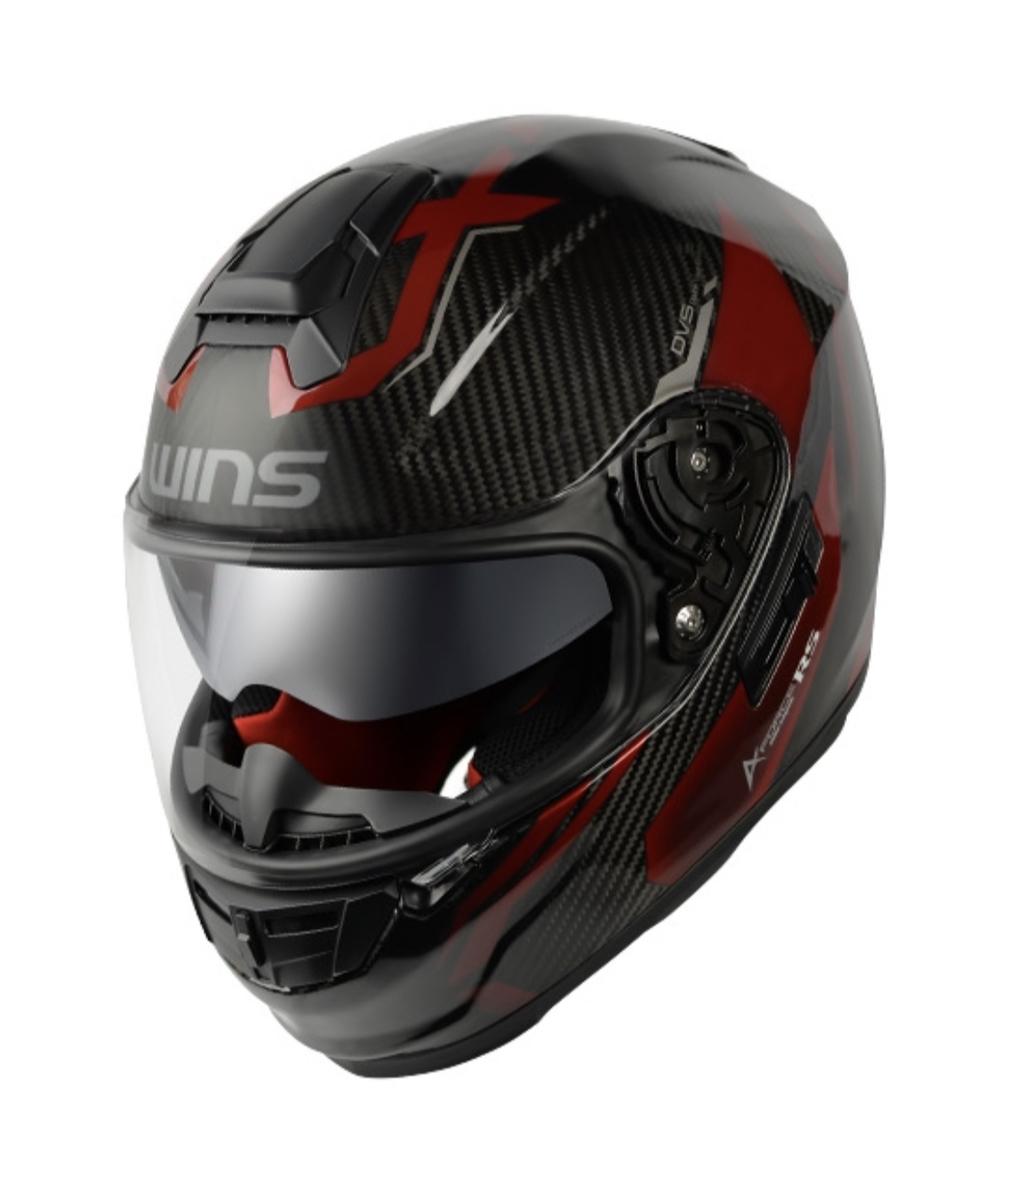 f:id:moto-garage-ys:20190728190624j:plain